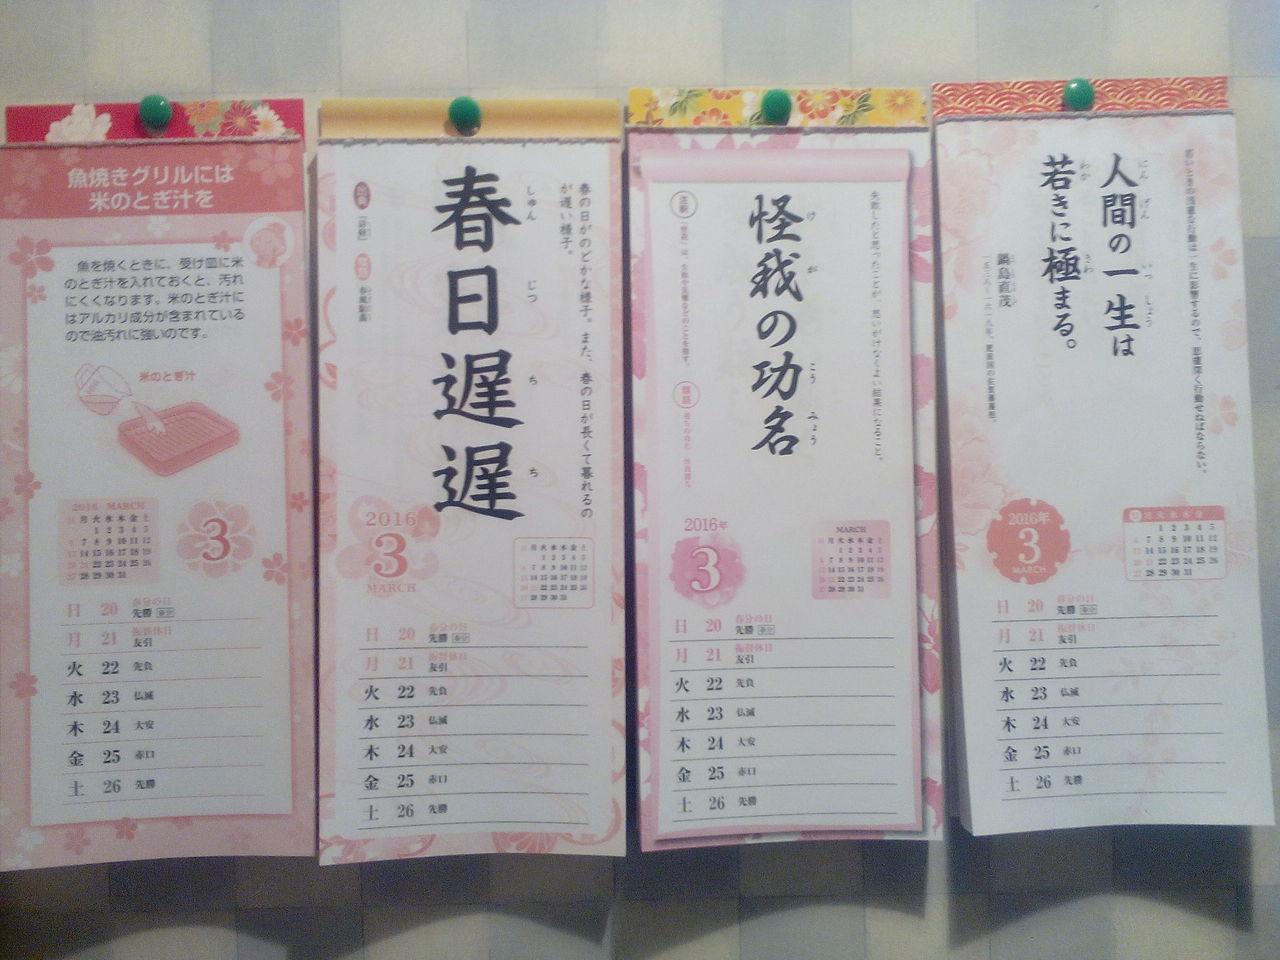 春日遅々 : 楓邑書道会